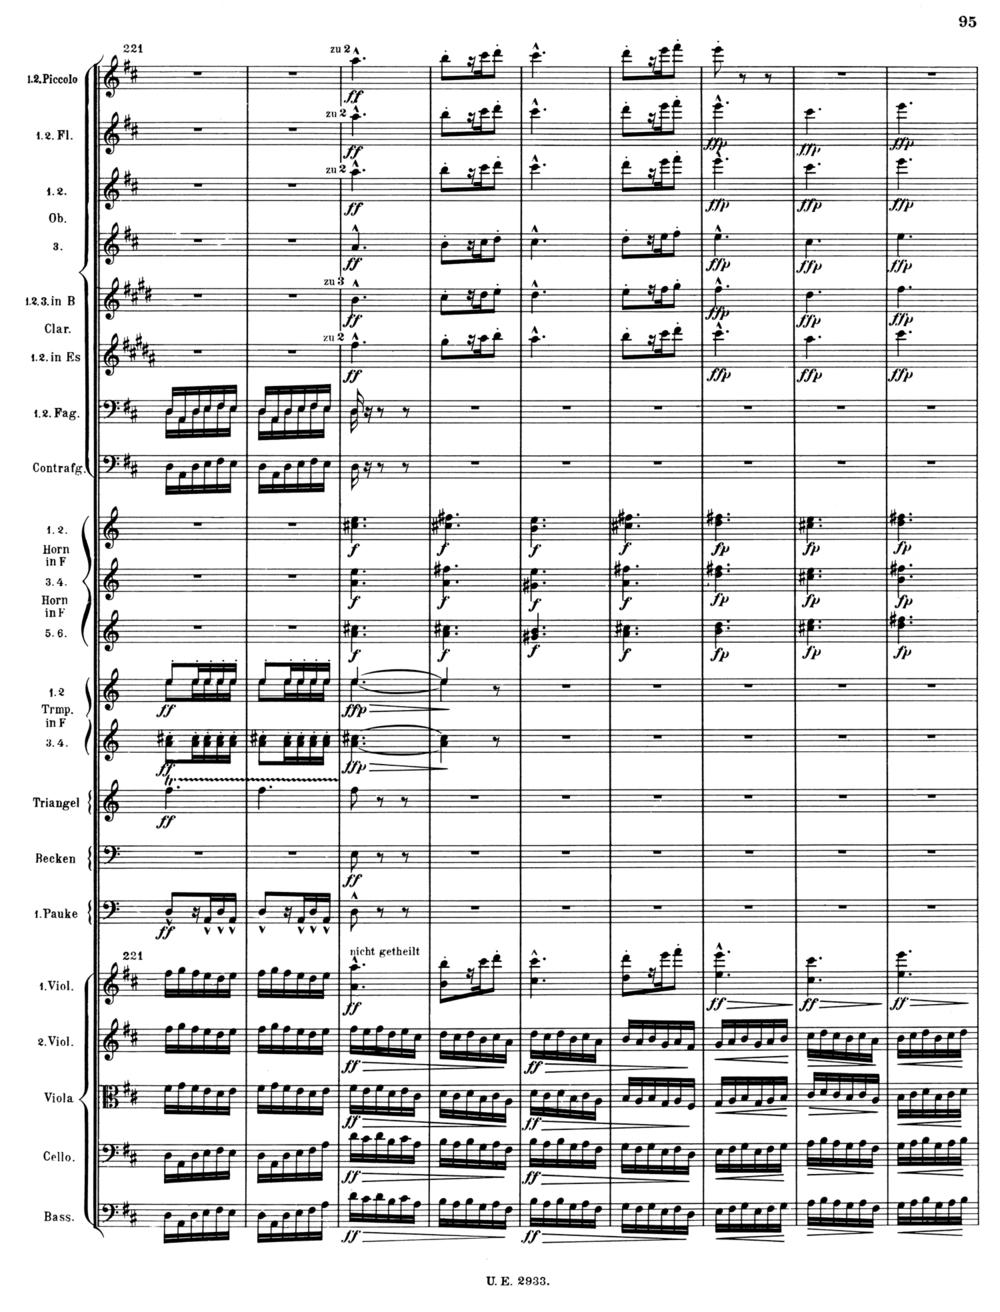 Mahler 2 Score 2.jpg